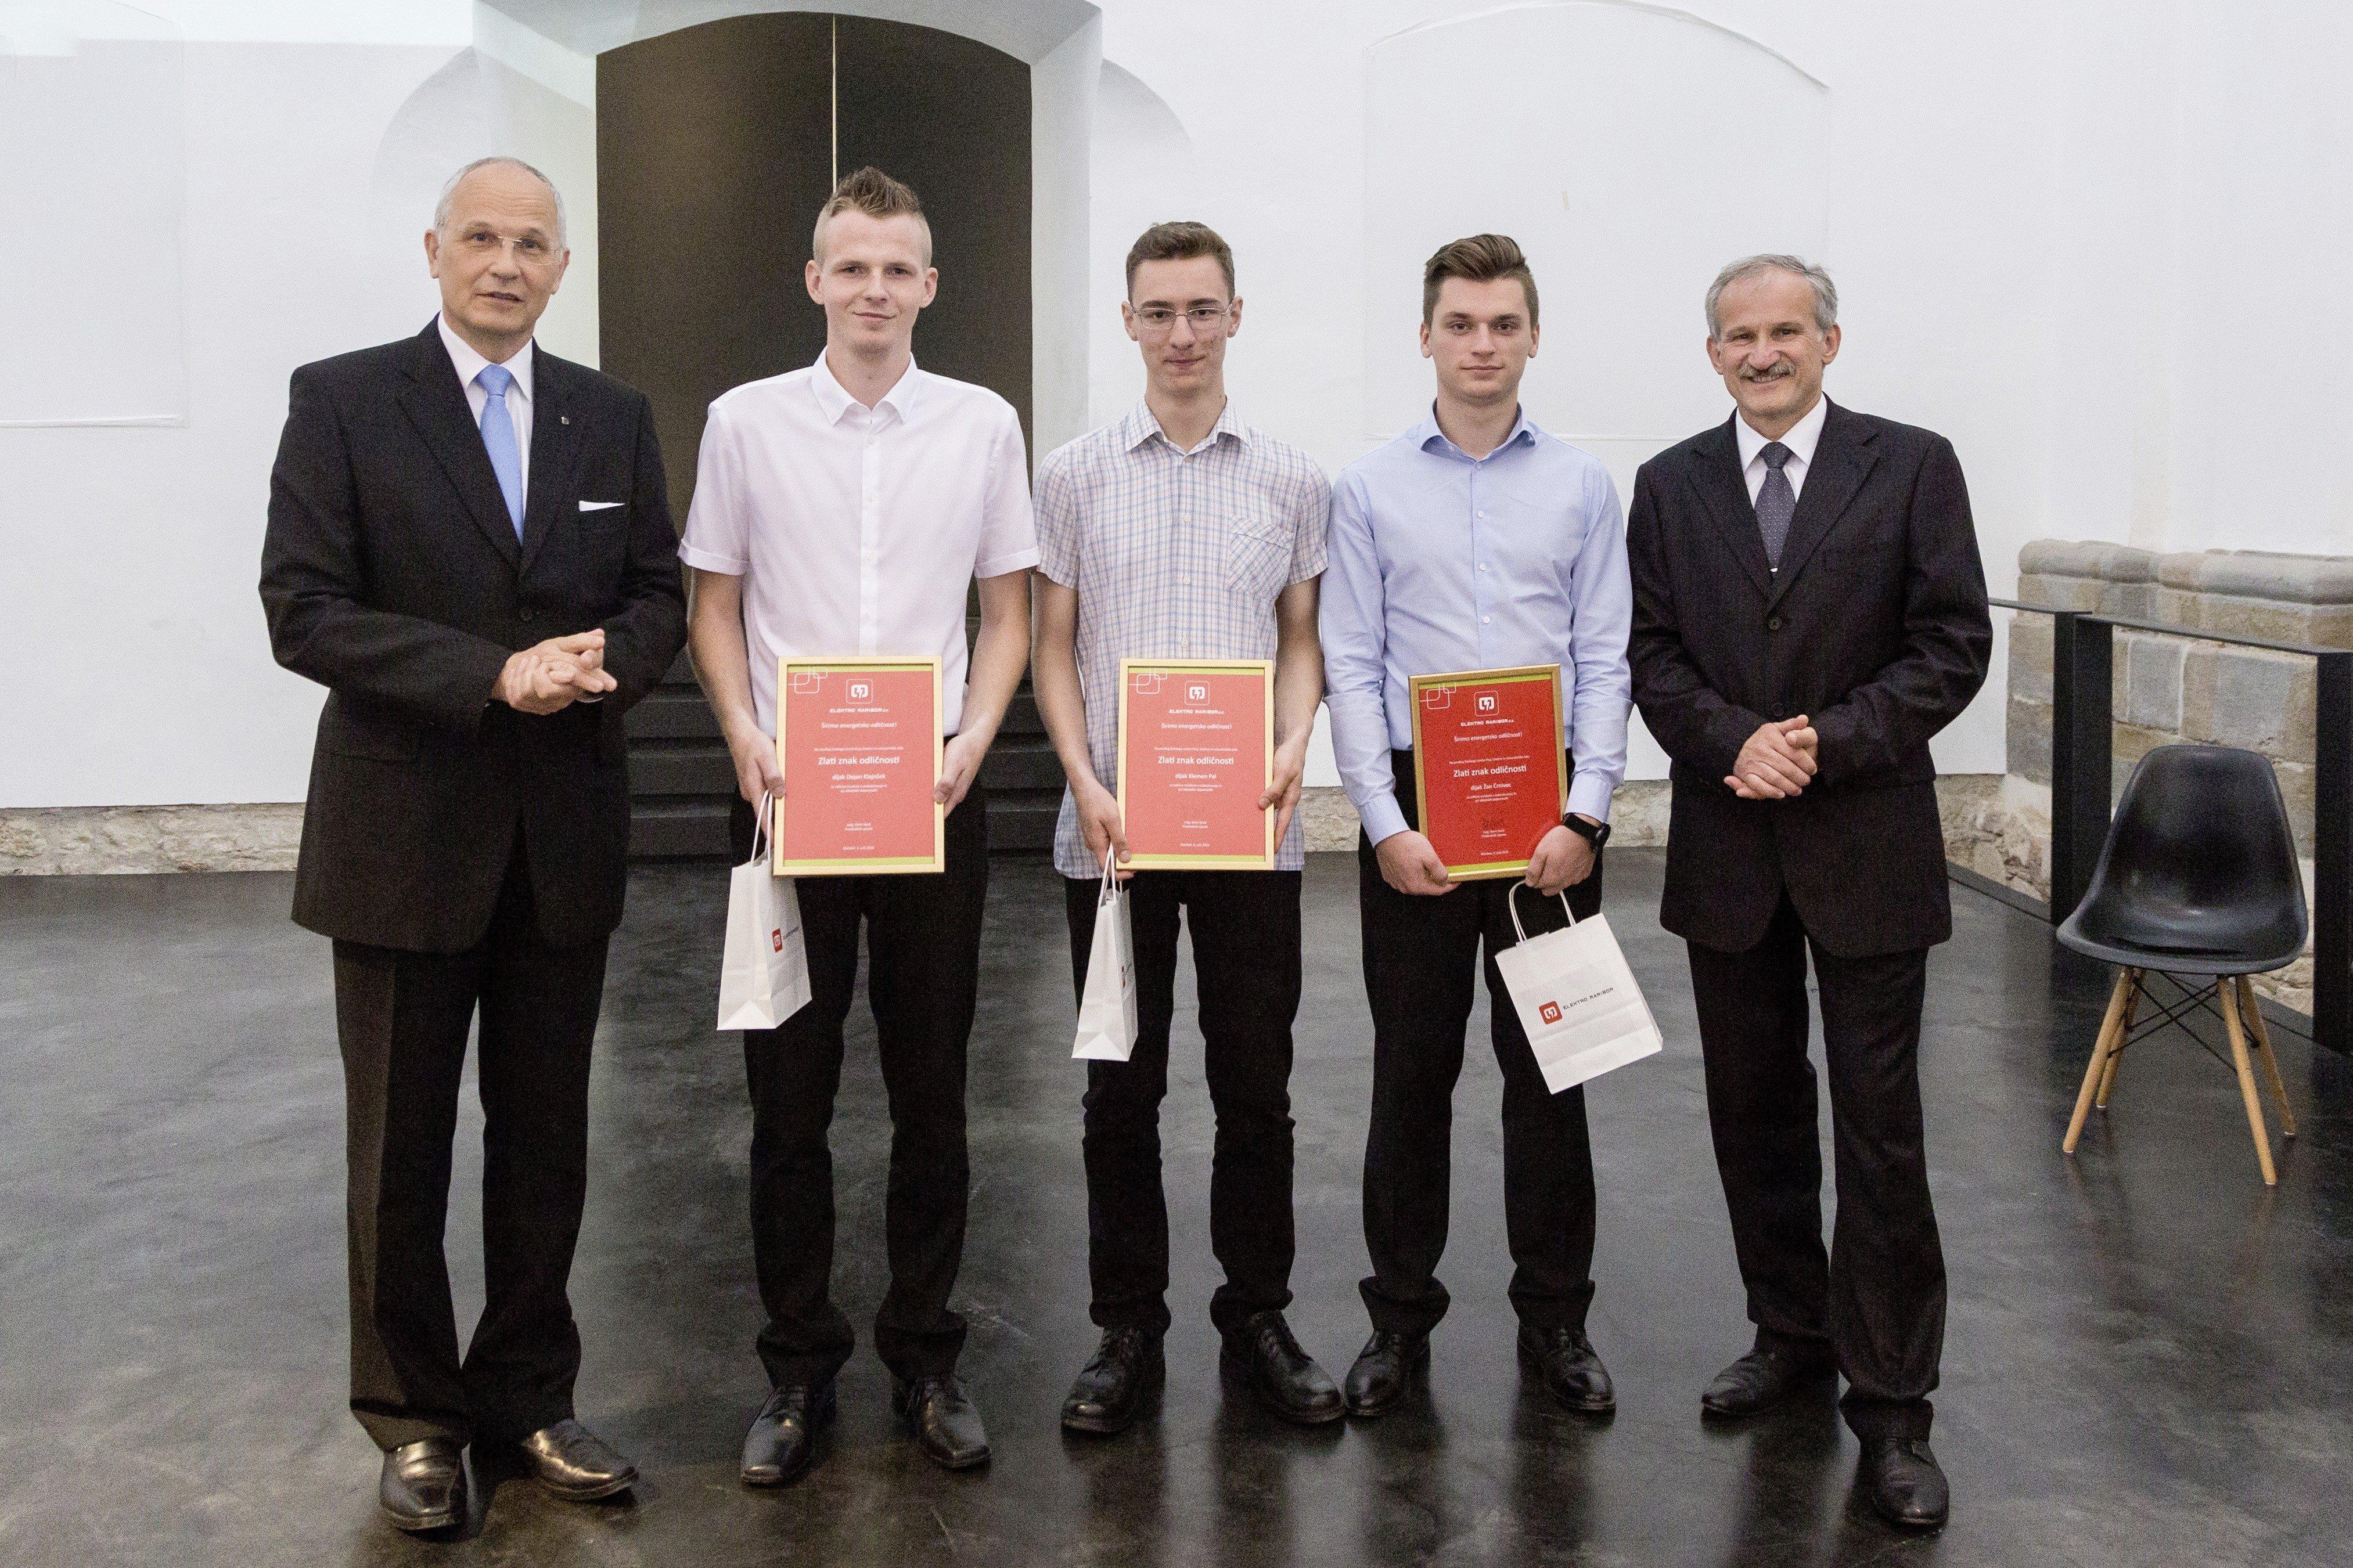 Najboljši dijaki preteklega šolskega leta so postali Žan Črnivec, Klemen Pal in Dejan Klajnšek.